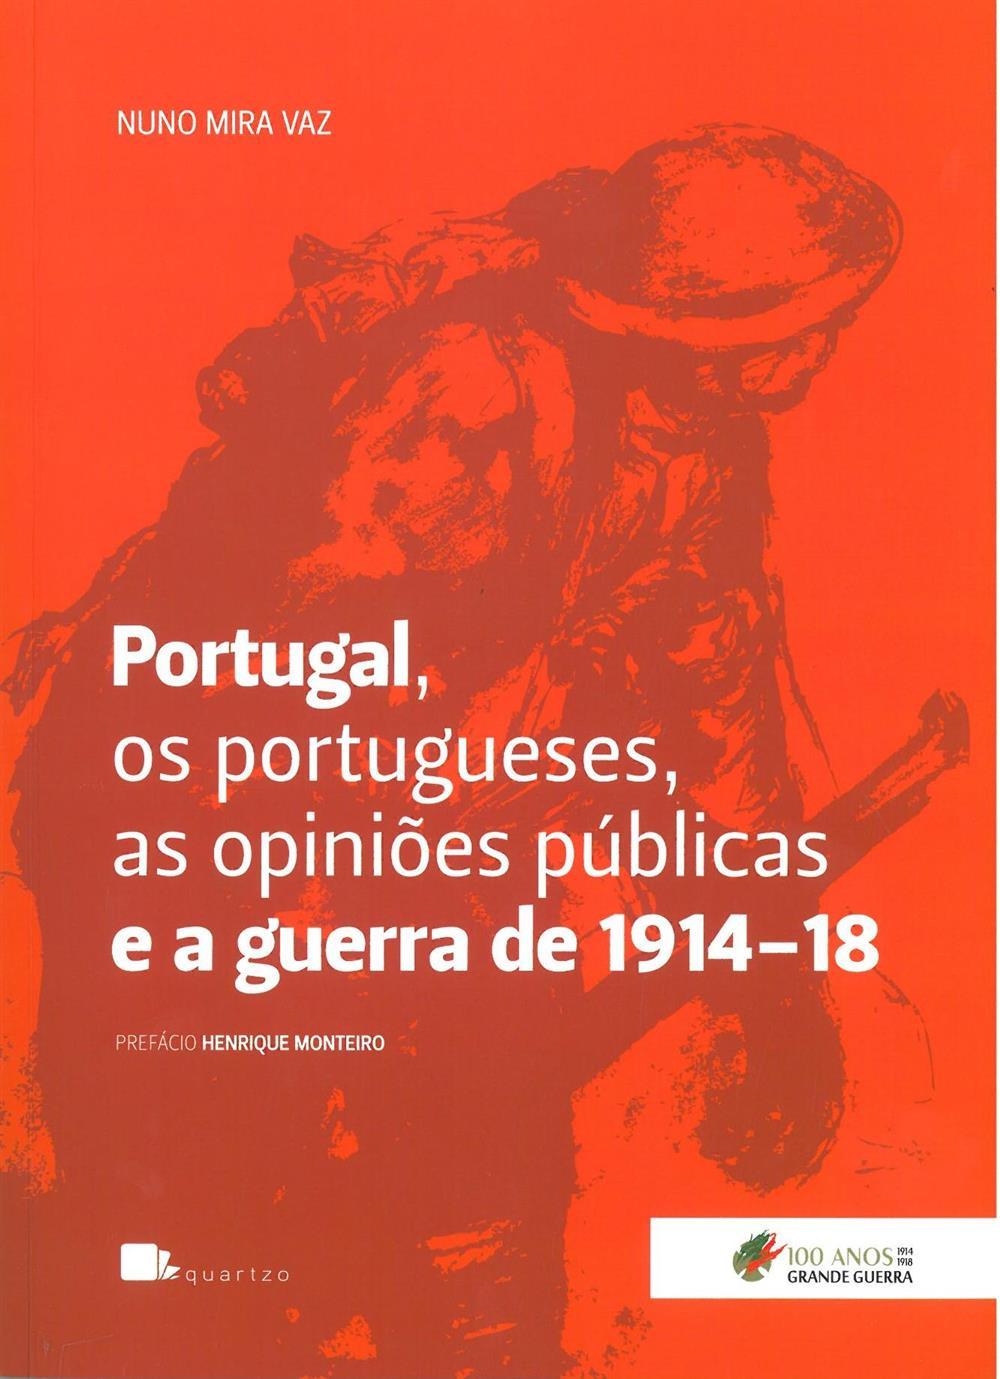 Portugal, os portugueses, as opiniões públicas e a guerra de 1914-18_.jpg